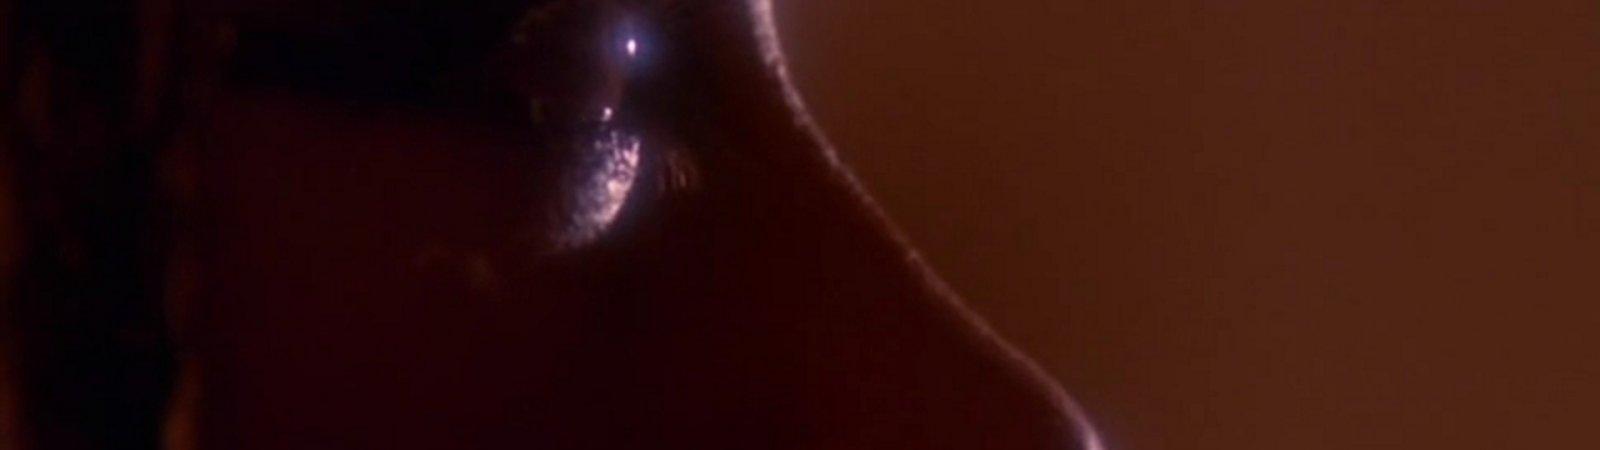 Photo du film : La malediction de la vallee des rois